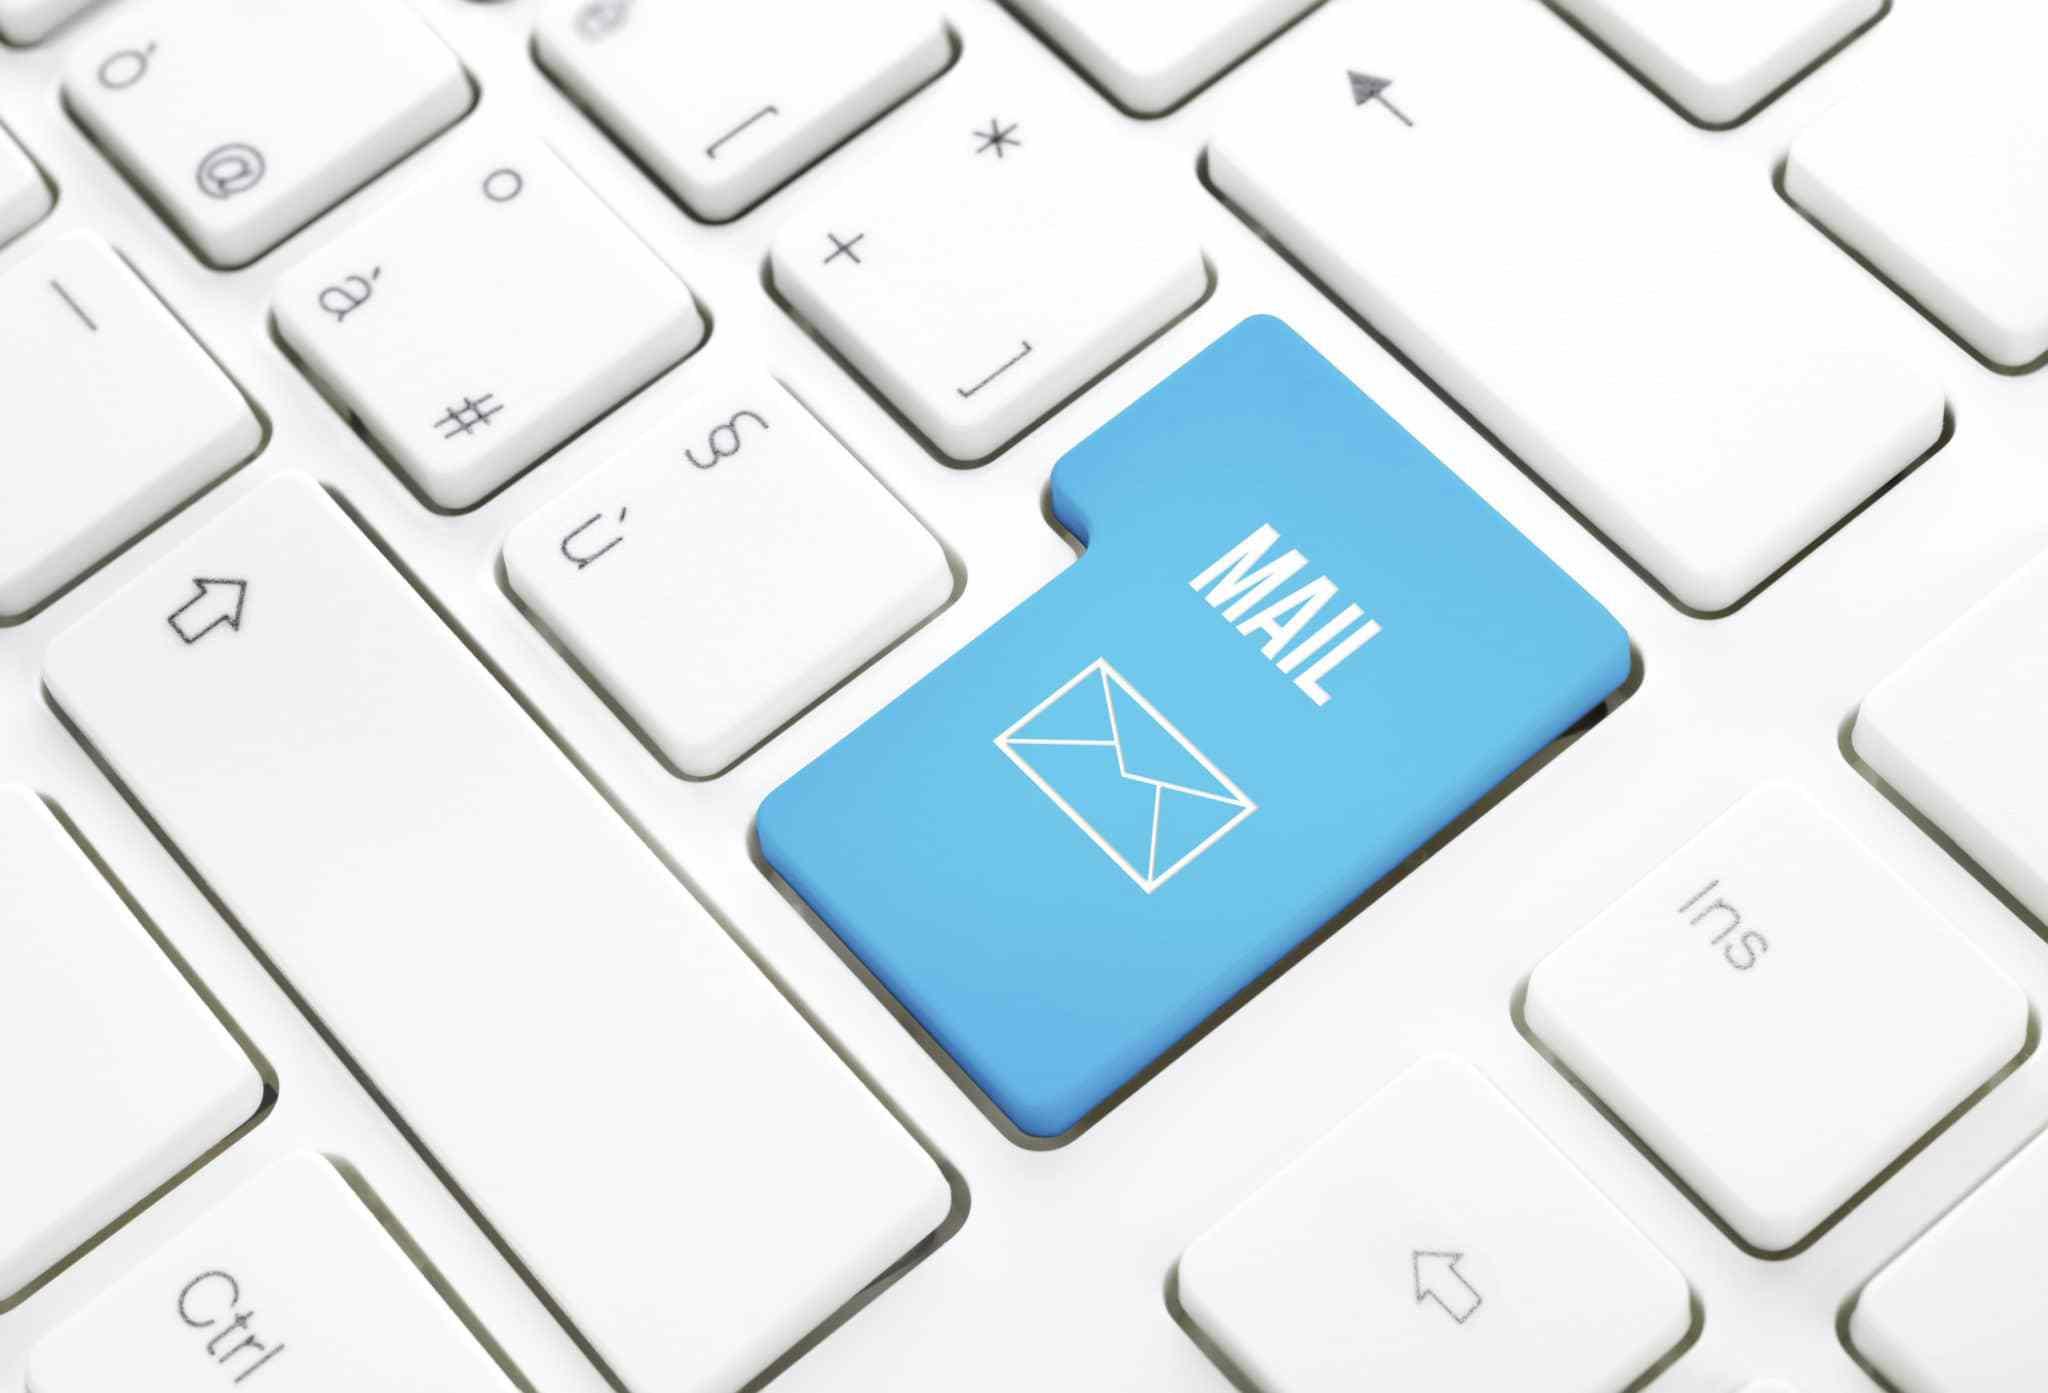 صورة كيف اسوي بريد الكتروني , طريقة عمل بريد الكتروني بالخطوات